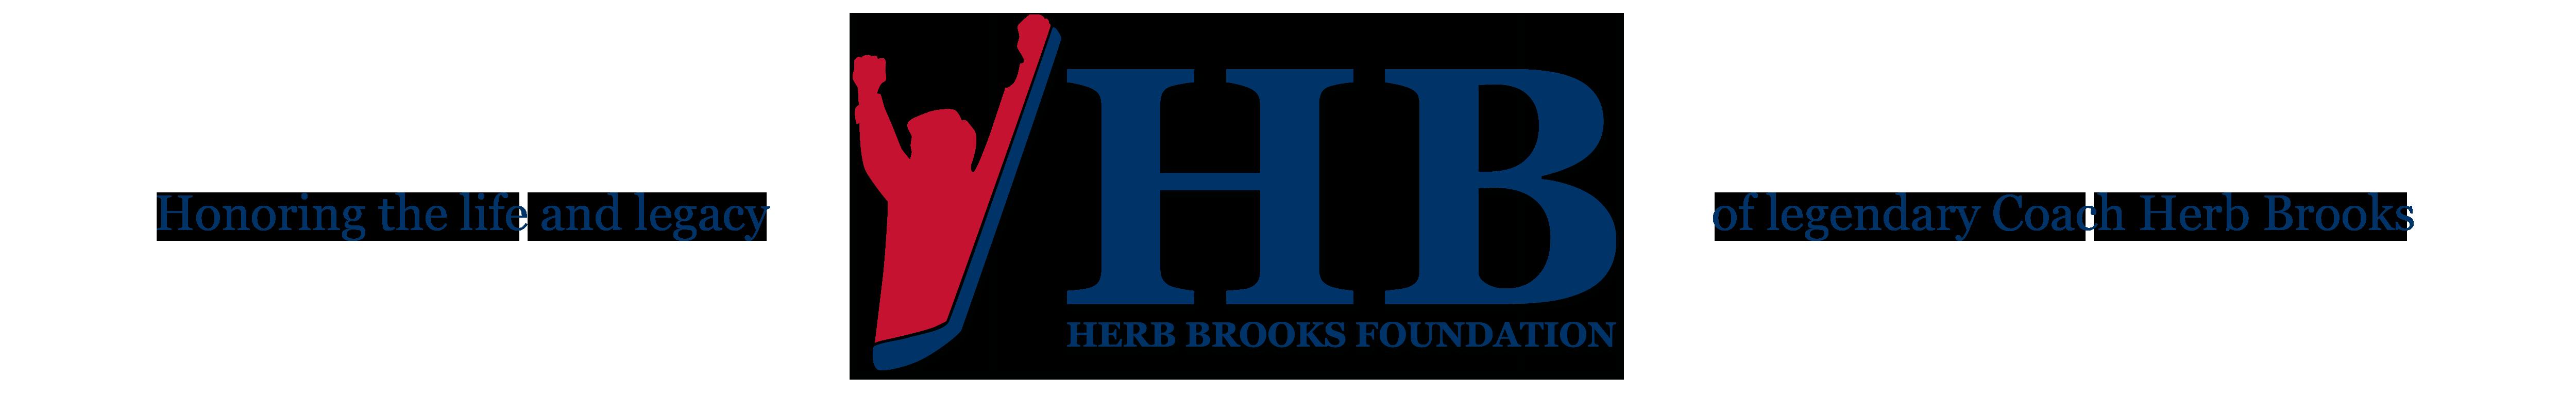 Herbbrooksfdn banner jun2018